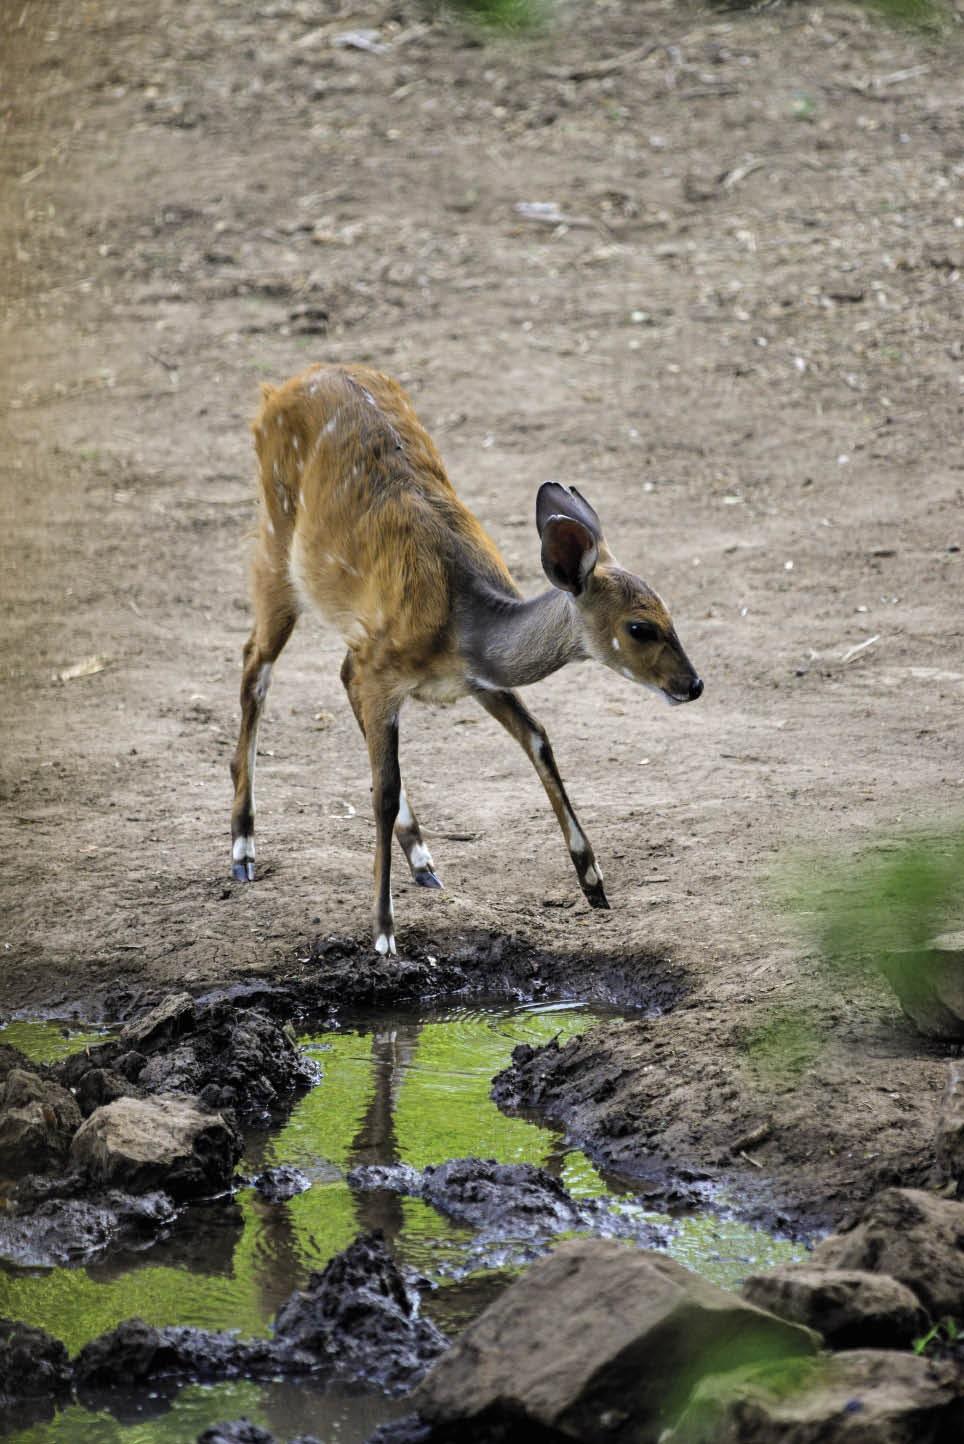 Bosbokke is volop in die oewerbos langs die Limpop